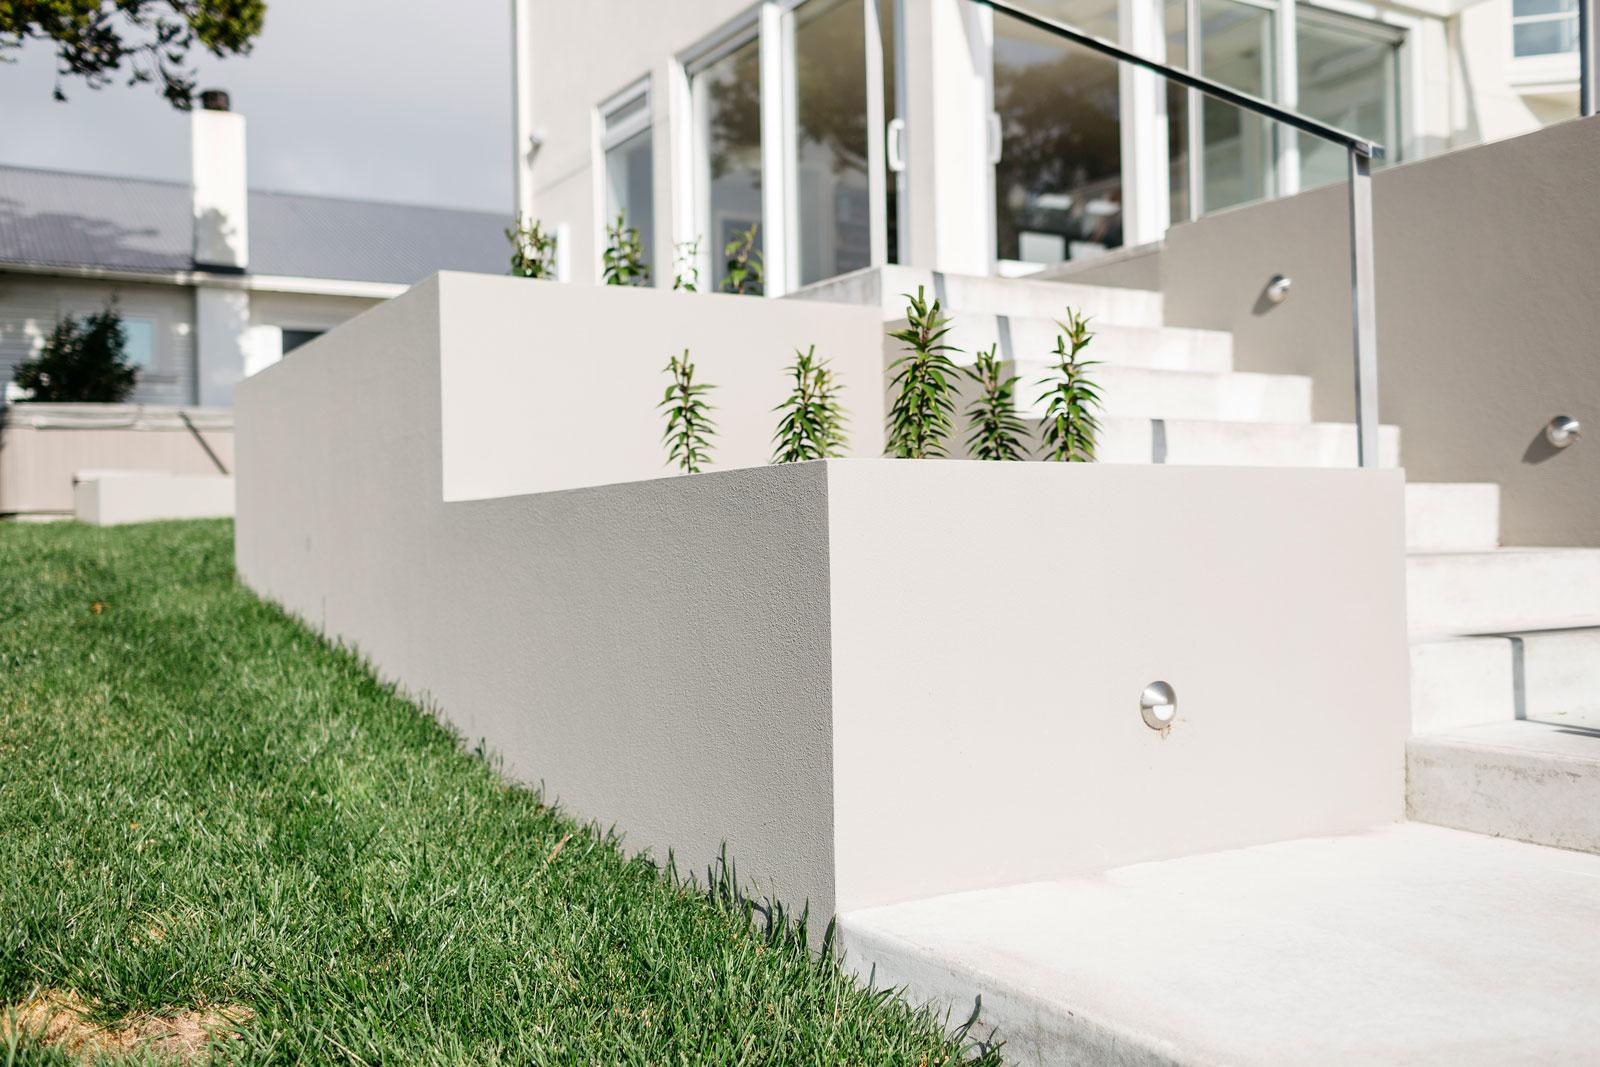 Planter Boxes & Gardens